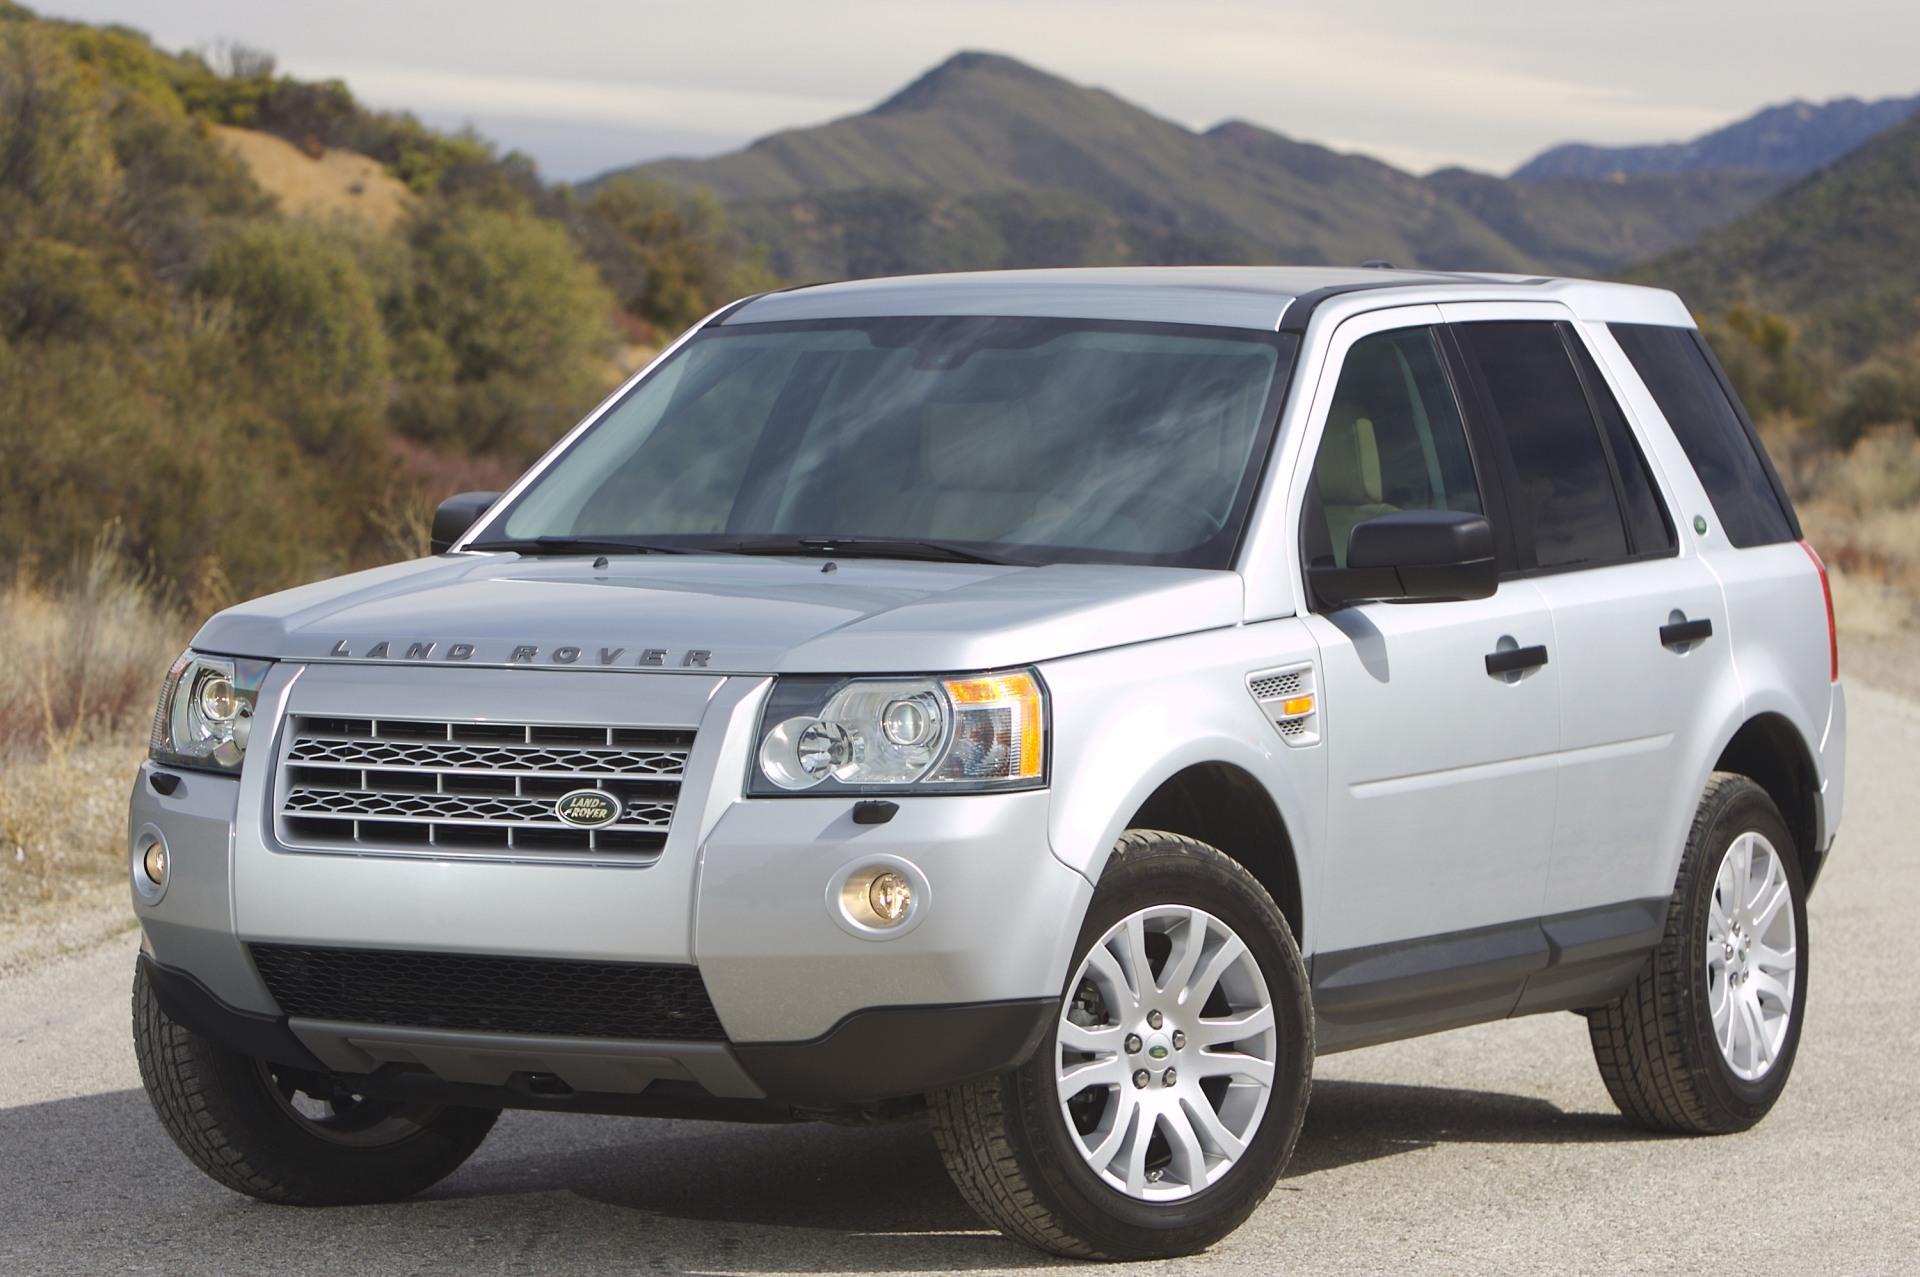 2009 Land Rover LR2 conceptcarz